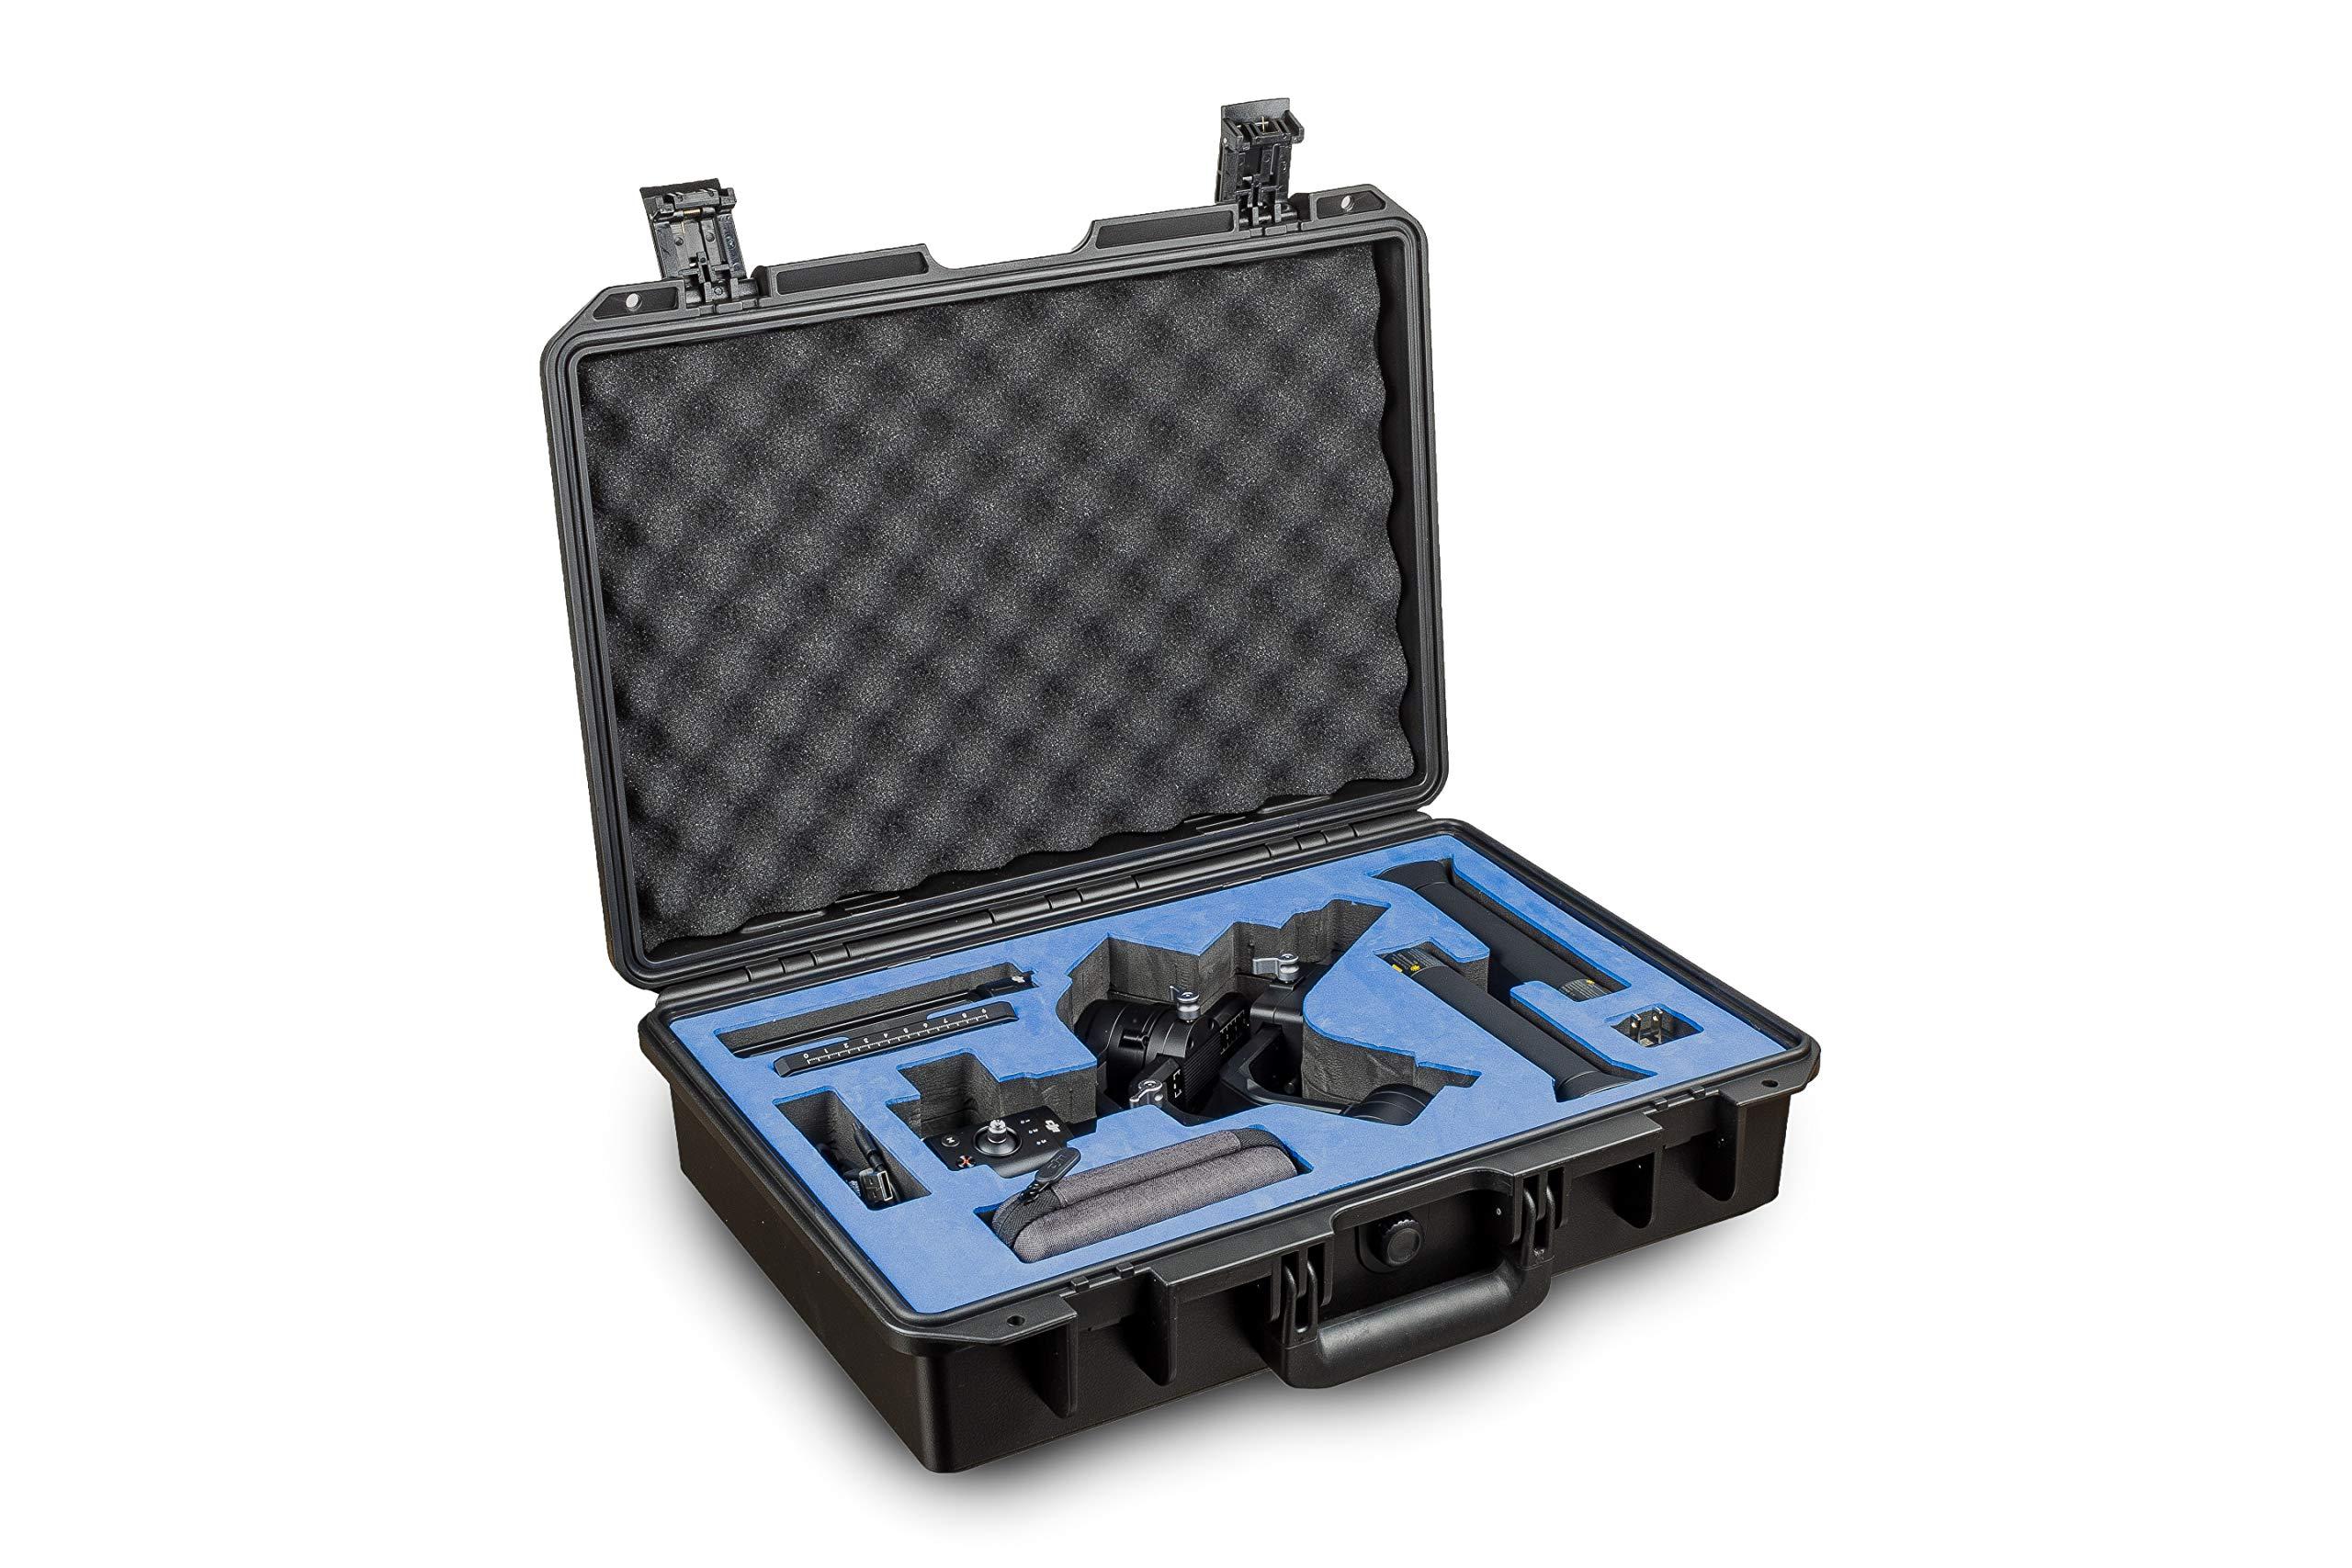 Ultimaxx Waterproof Hard Case with Custom Foam Insert for DJI Ronin S Gimbal Stabilizer System by Ultimaxx